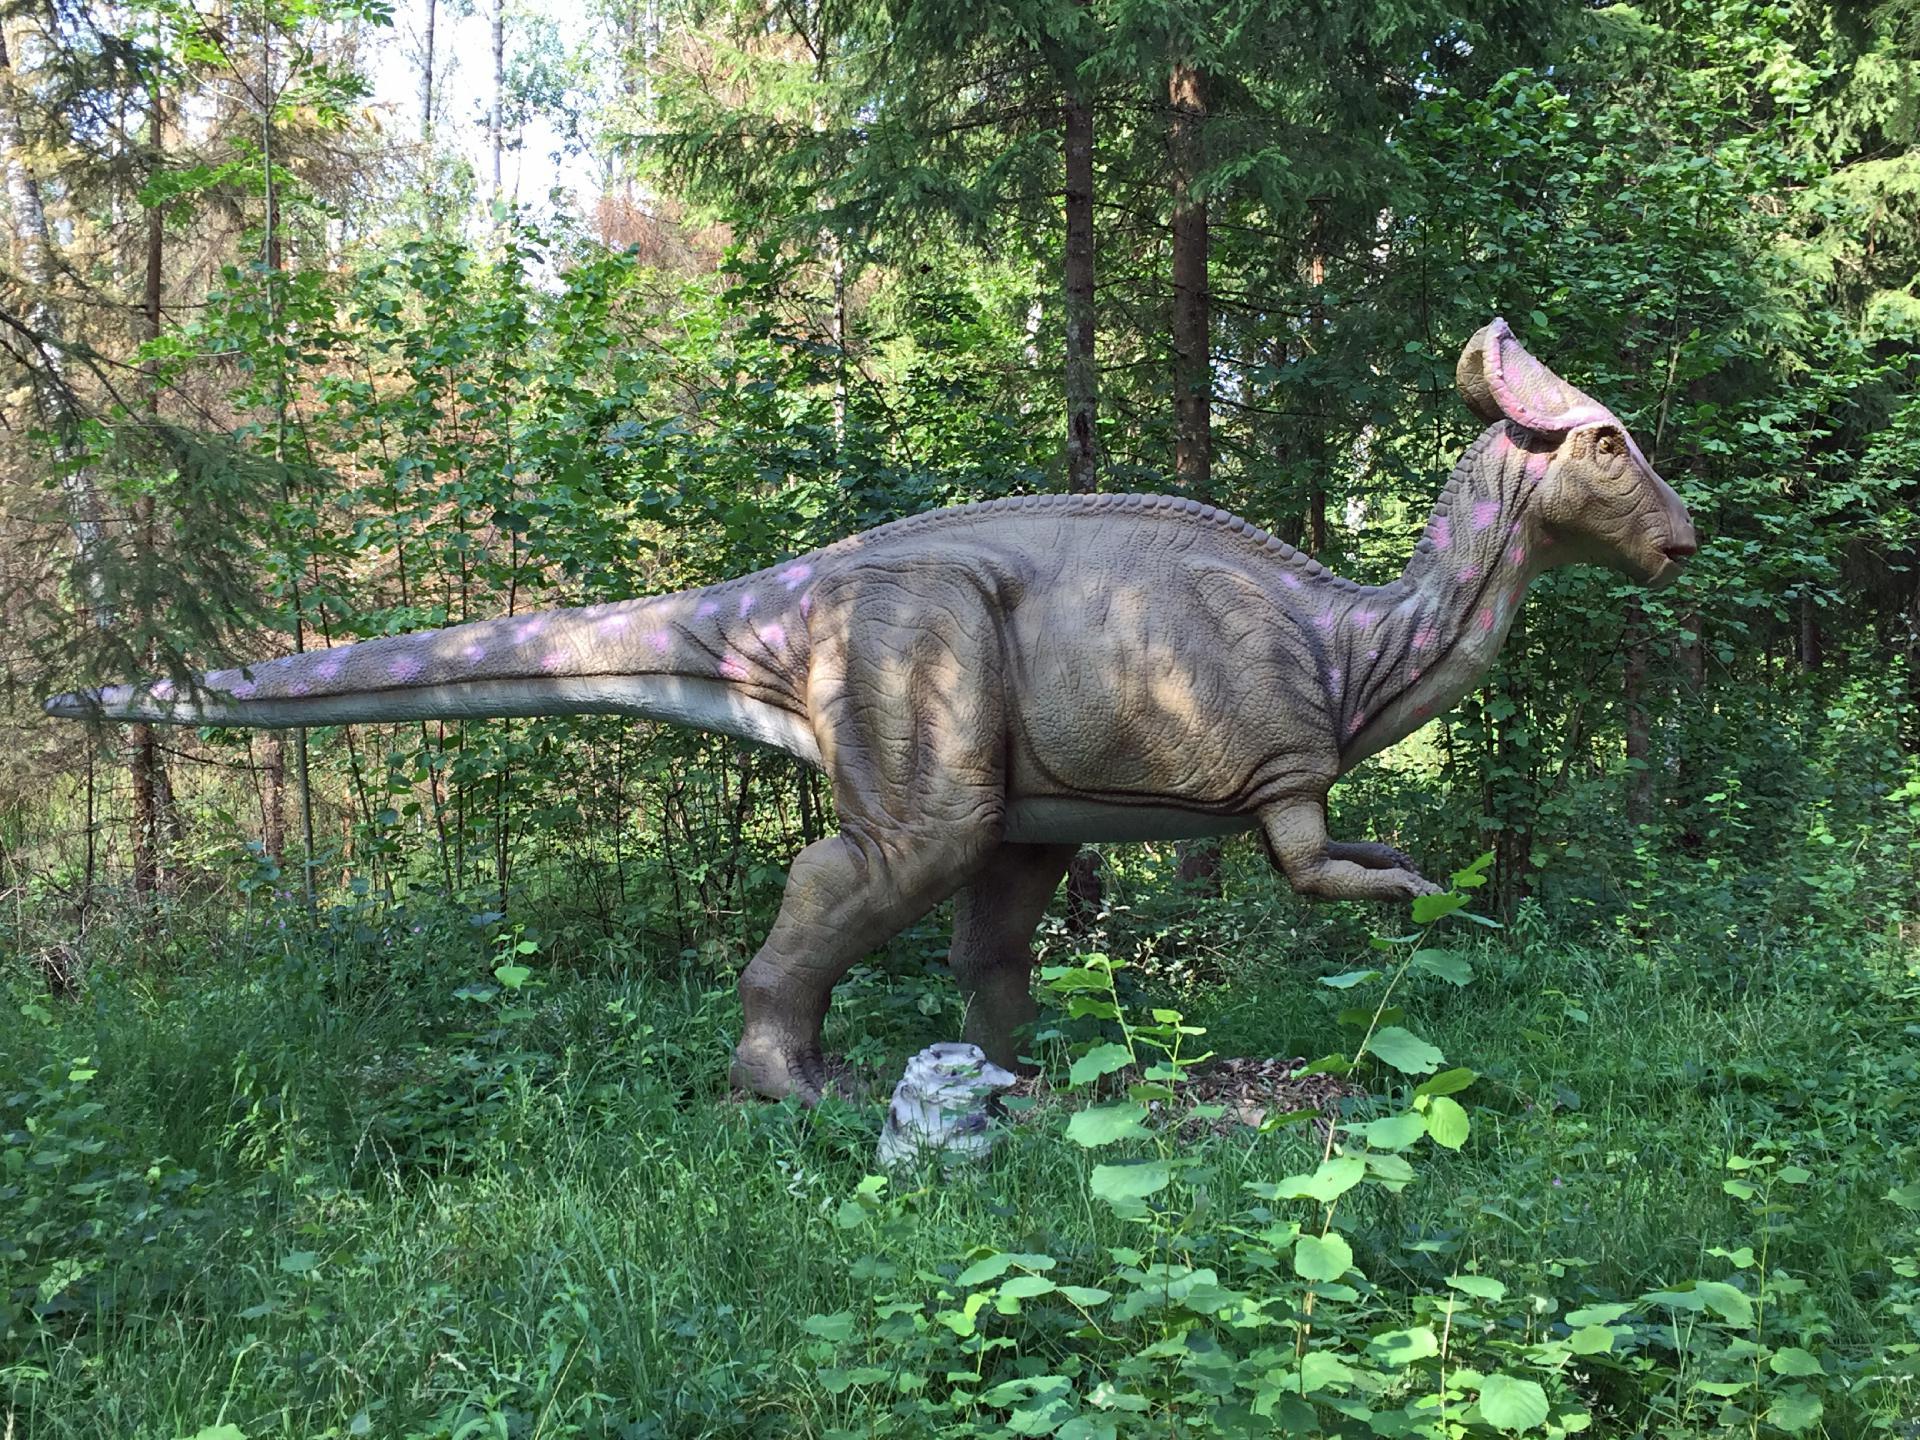 dinosaurier park raubonys private urlaubs homepage mit vielen tipps fotos sehensw rdigkeiten. Black Bedroom Furniture Sets. Home Design Ideas